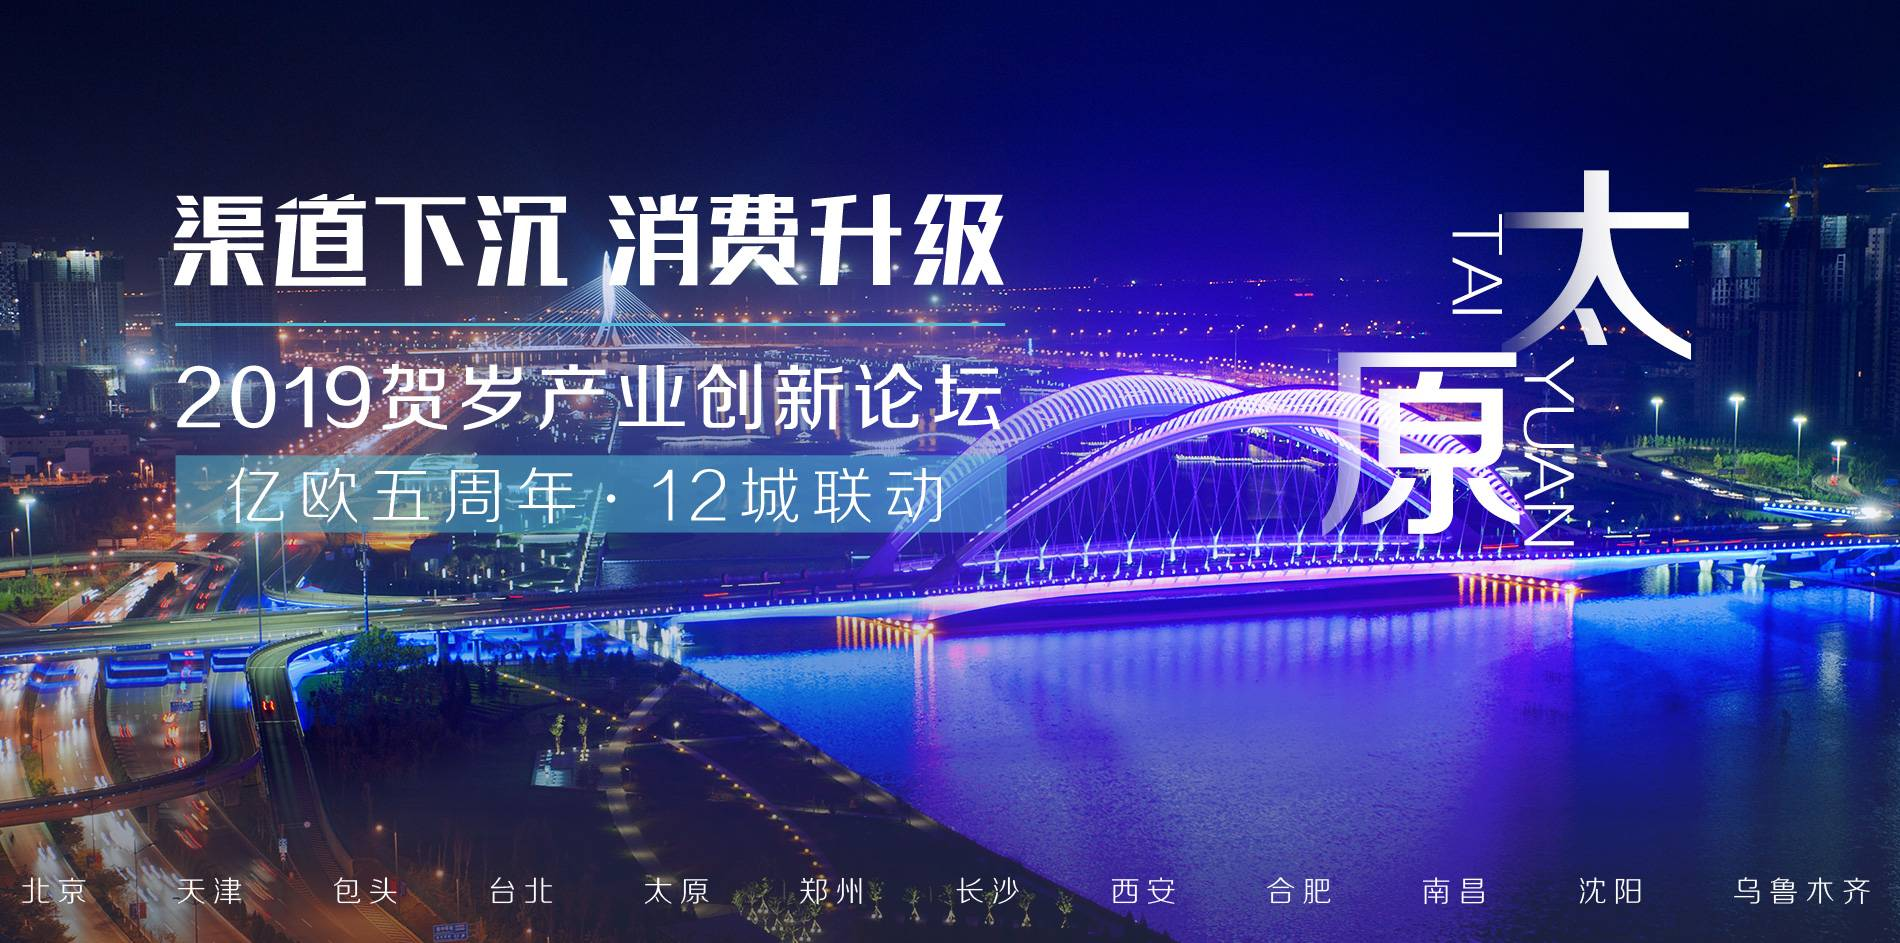 【活动】【渠道下沉、消费升级】 2019贺岁产业创新论坛·太原站-亿欧